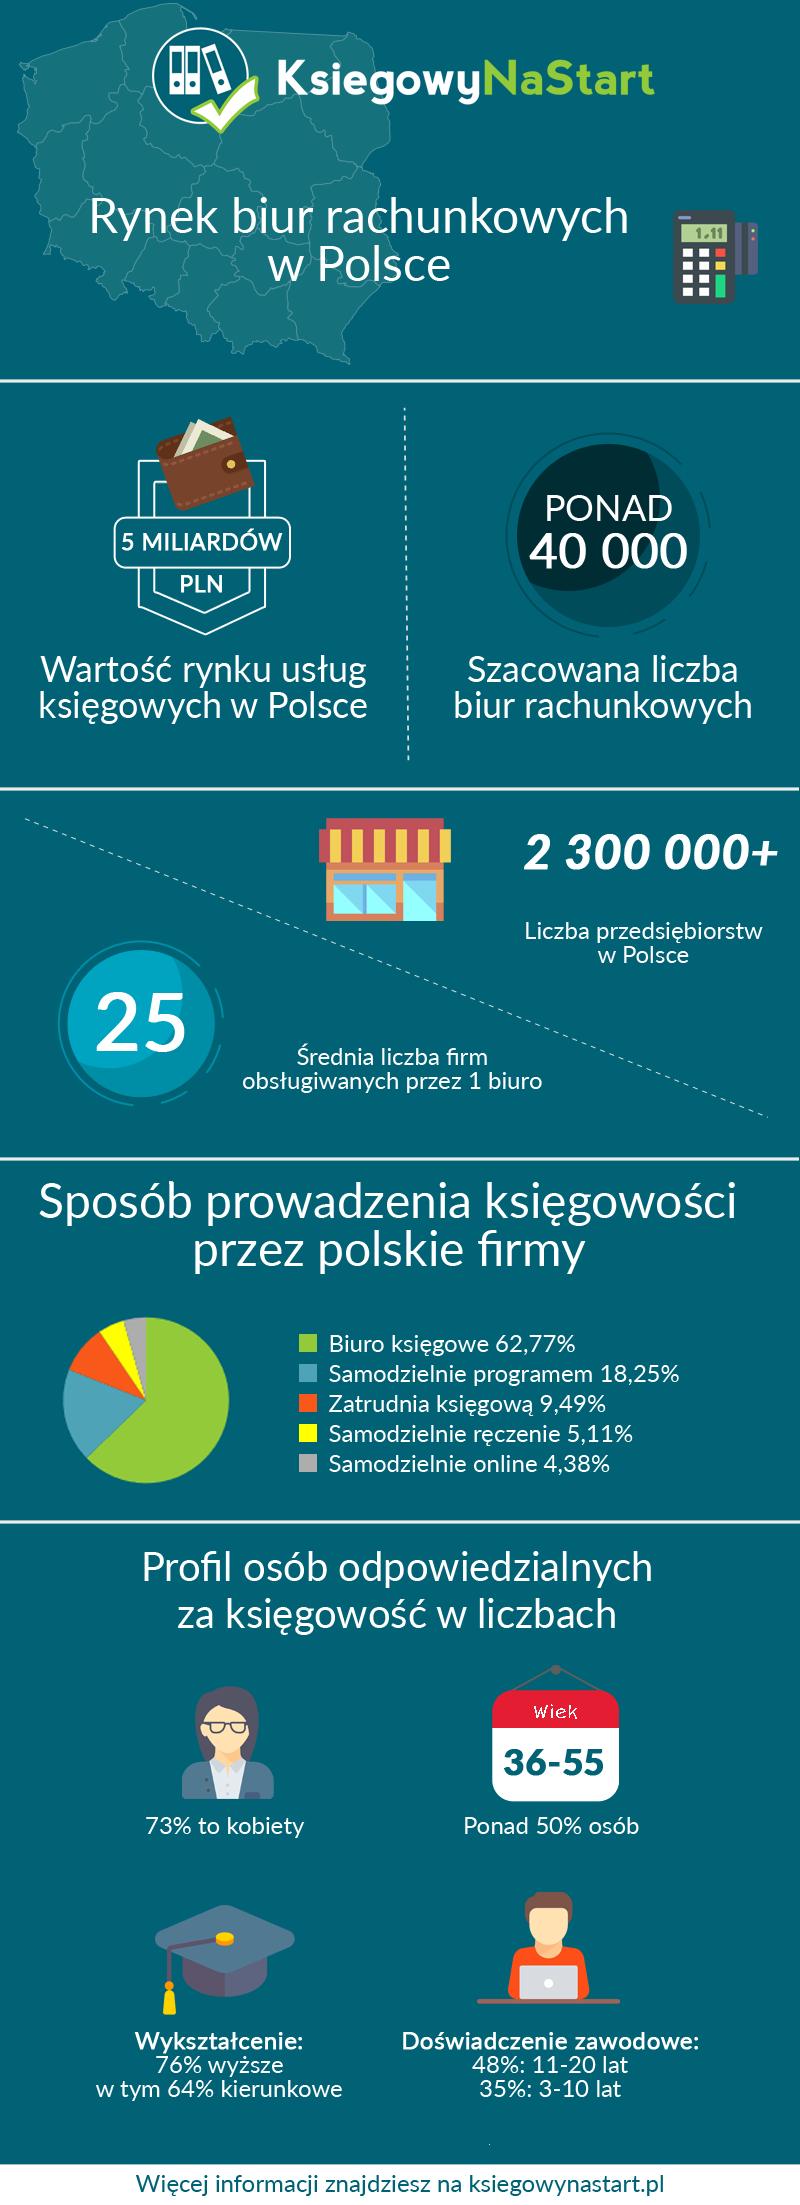 rynek_biur_rachunkowych_w_polsce_ksiegowynastart